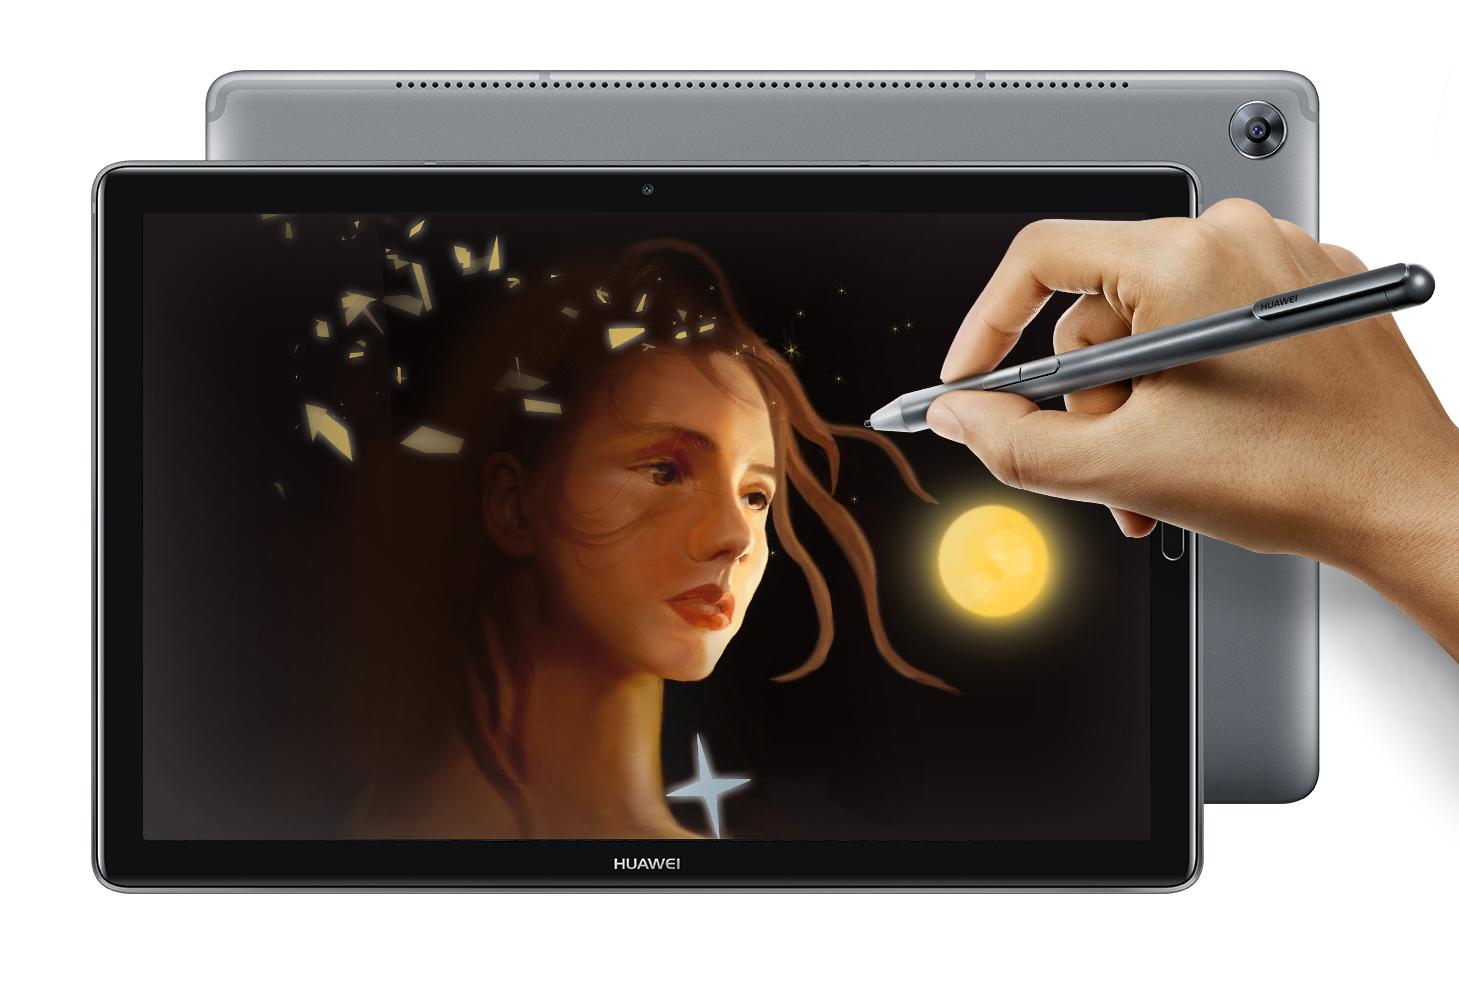 MediaPad 5 er Huaweis nyeste Android-brett.